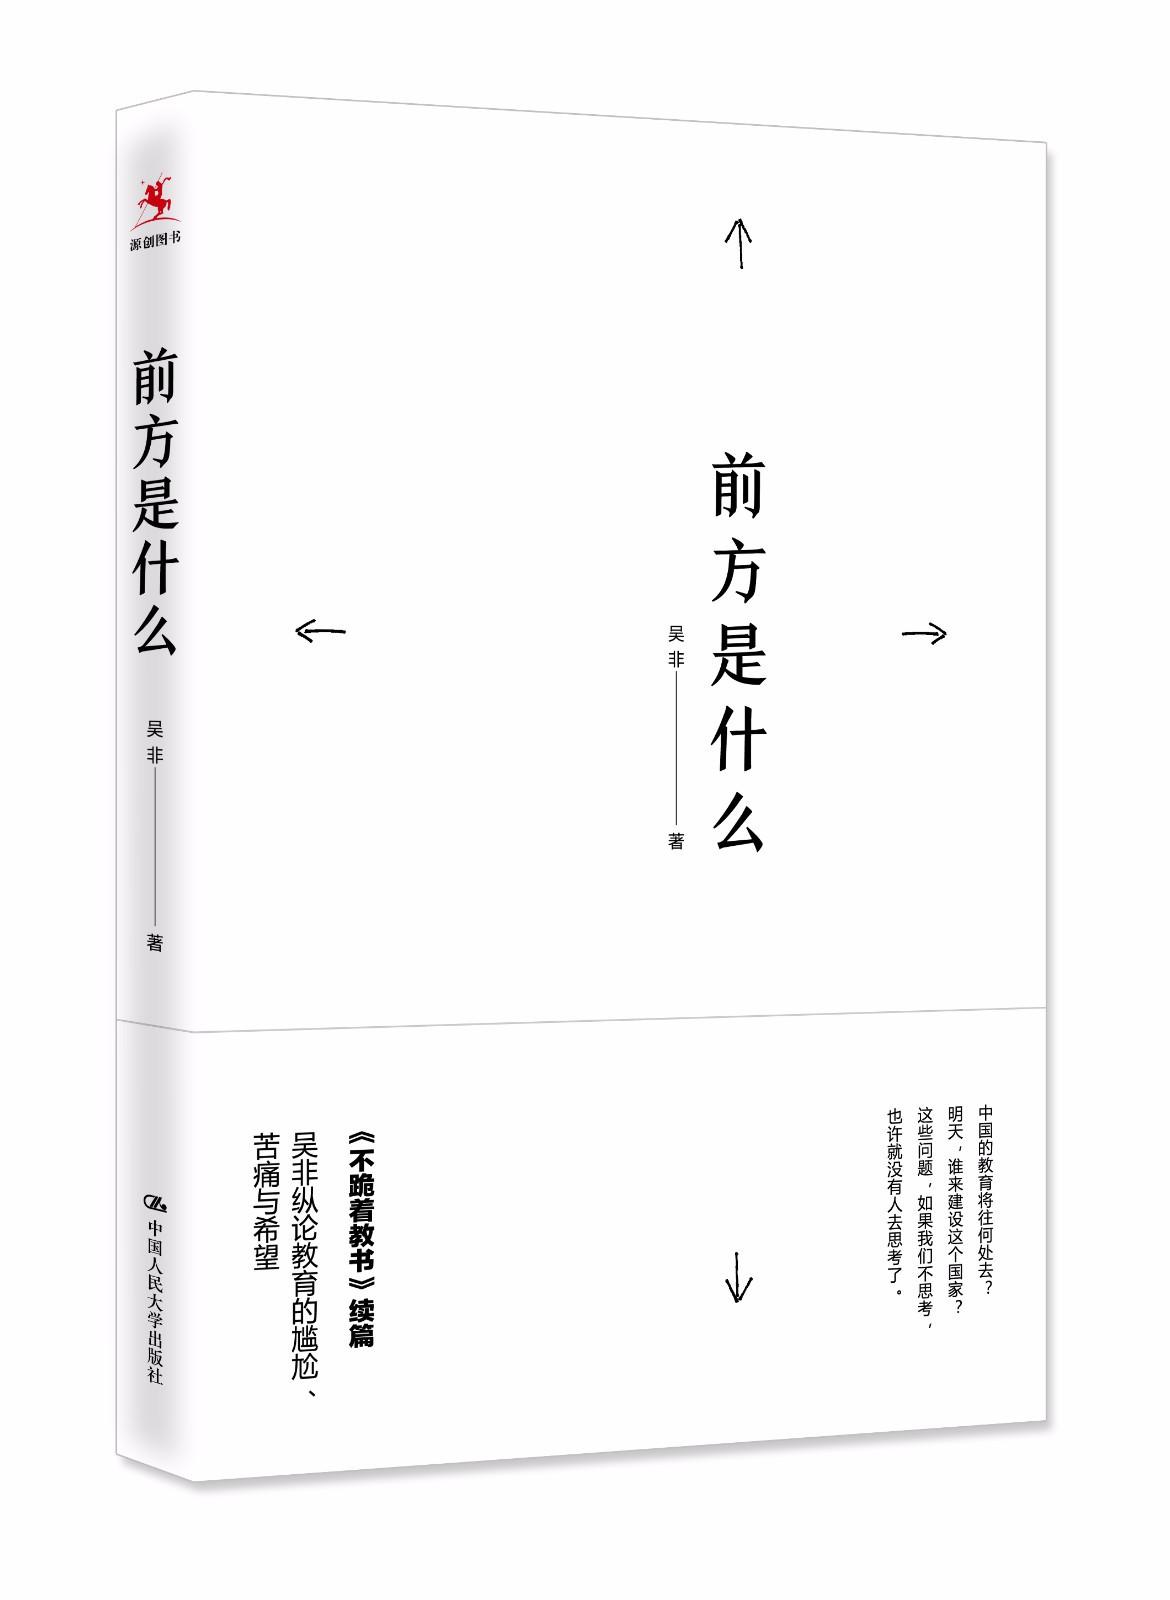 吴非:爱阅读的家长是孩子的榜样